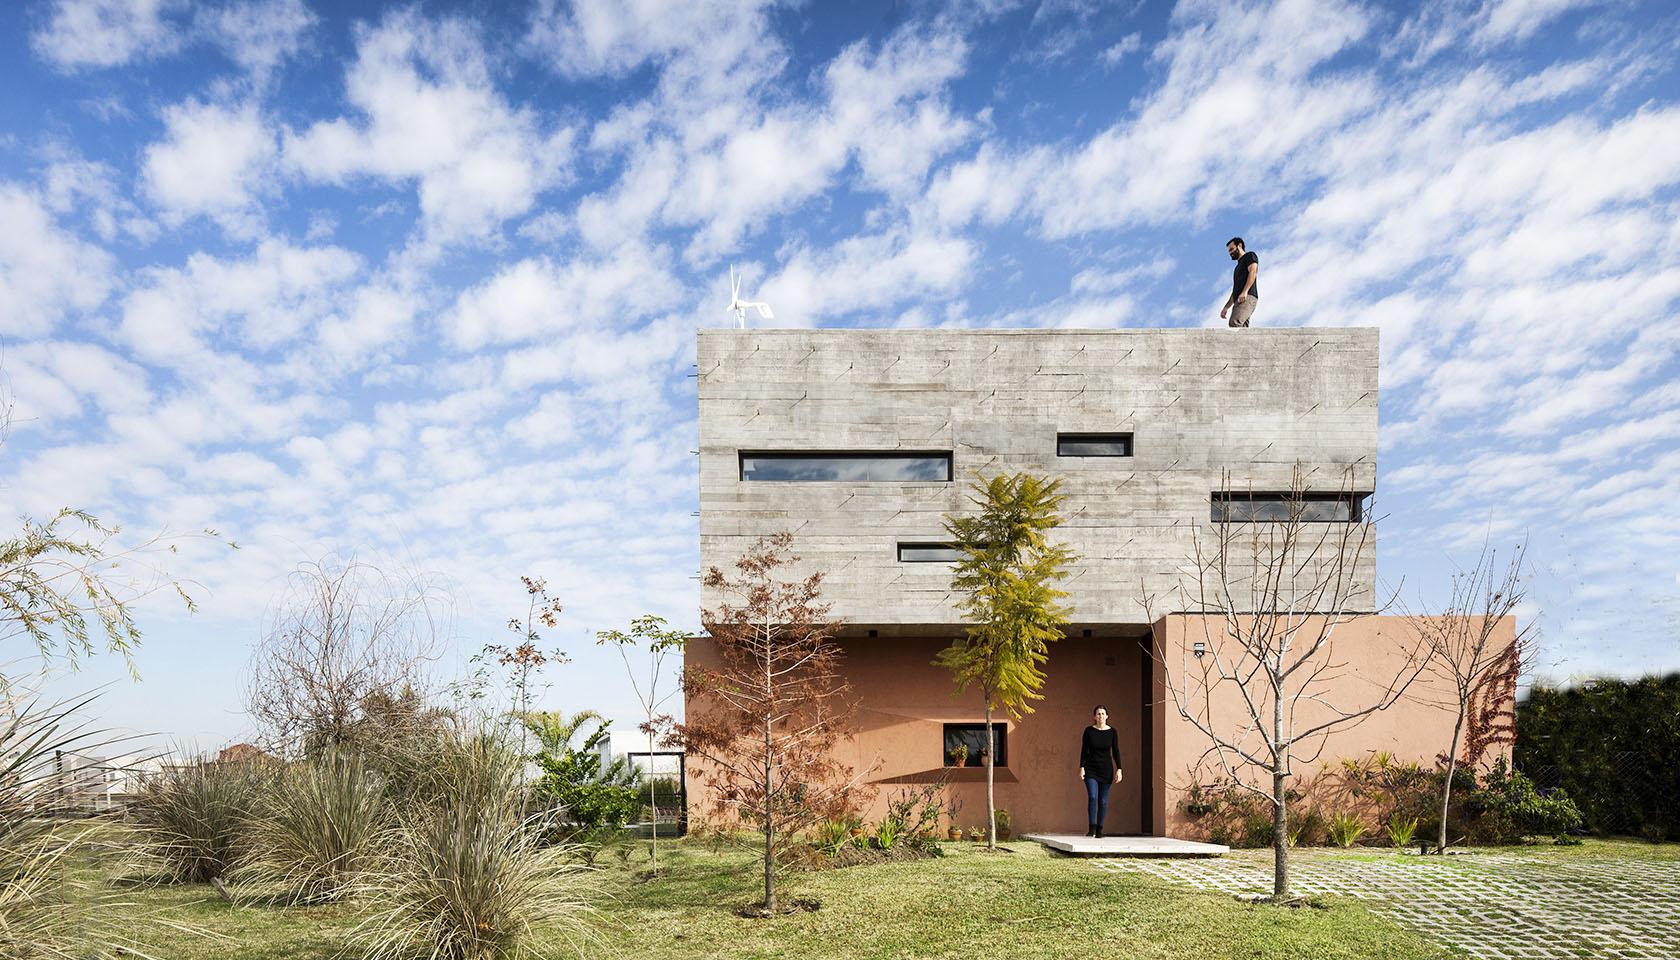 casas color salón, casas con fachadas modernas, casas con hormigón a la vista